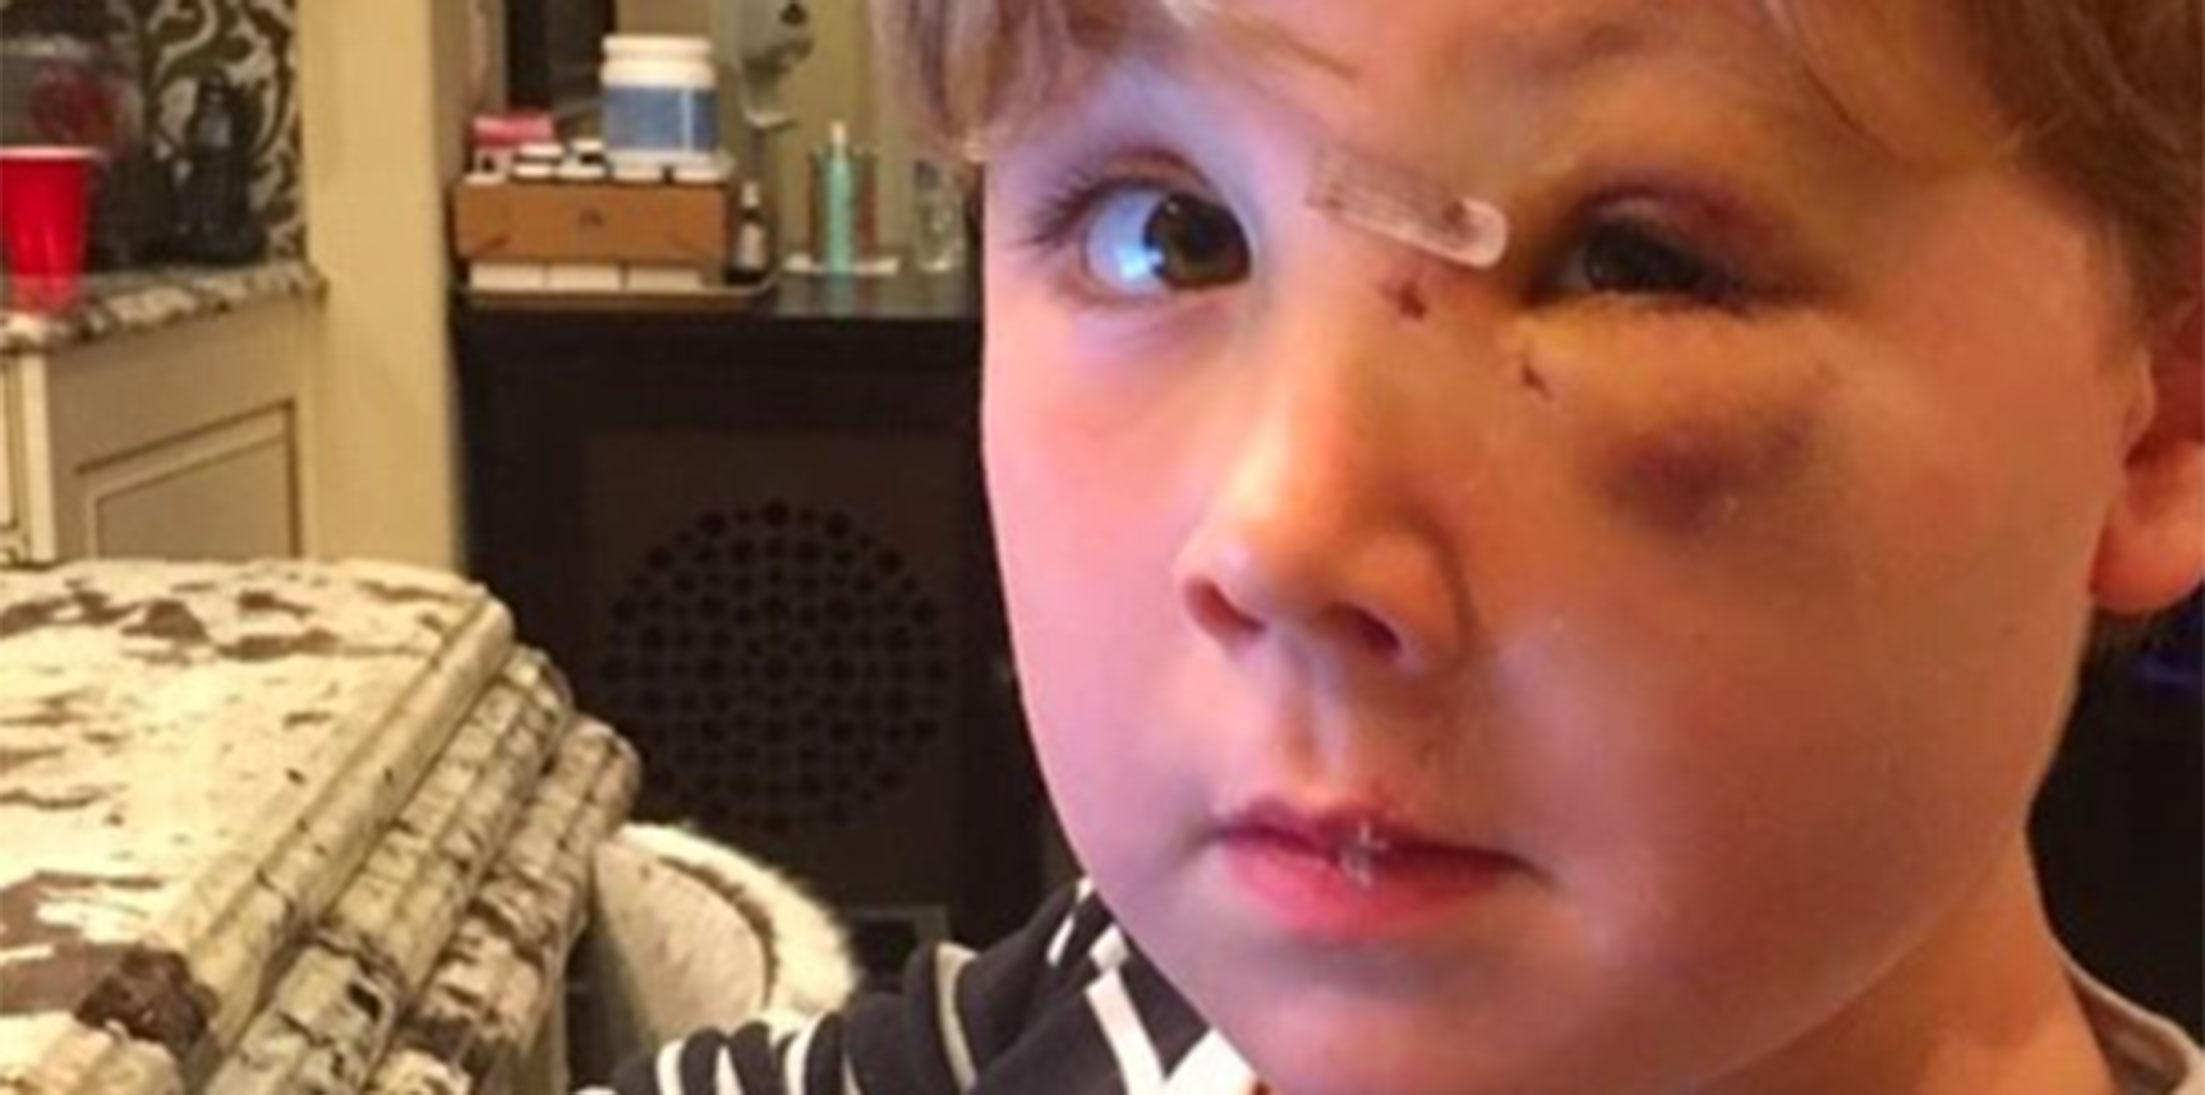 Kim zolciak son attacked by dog photos